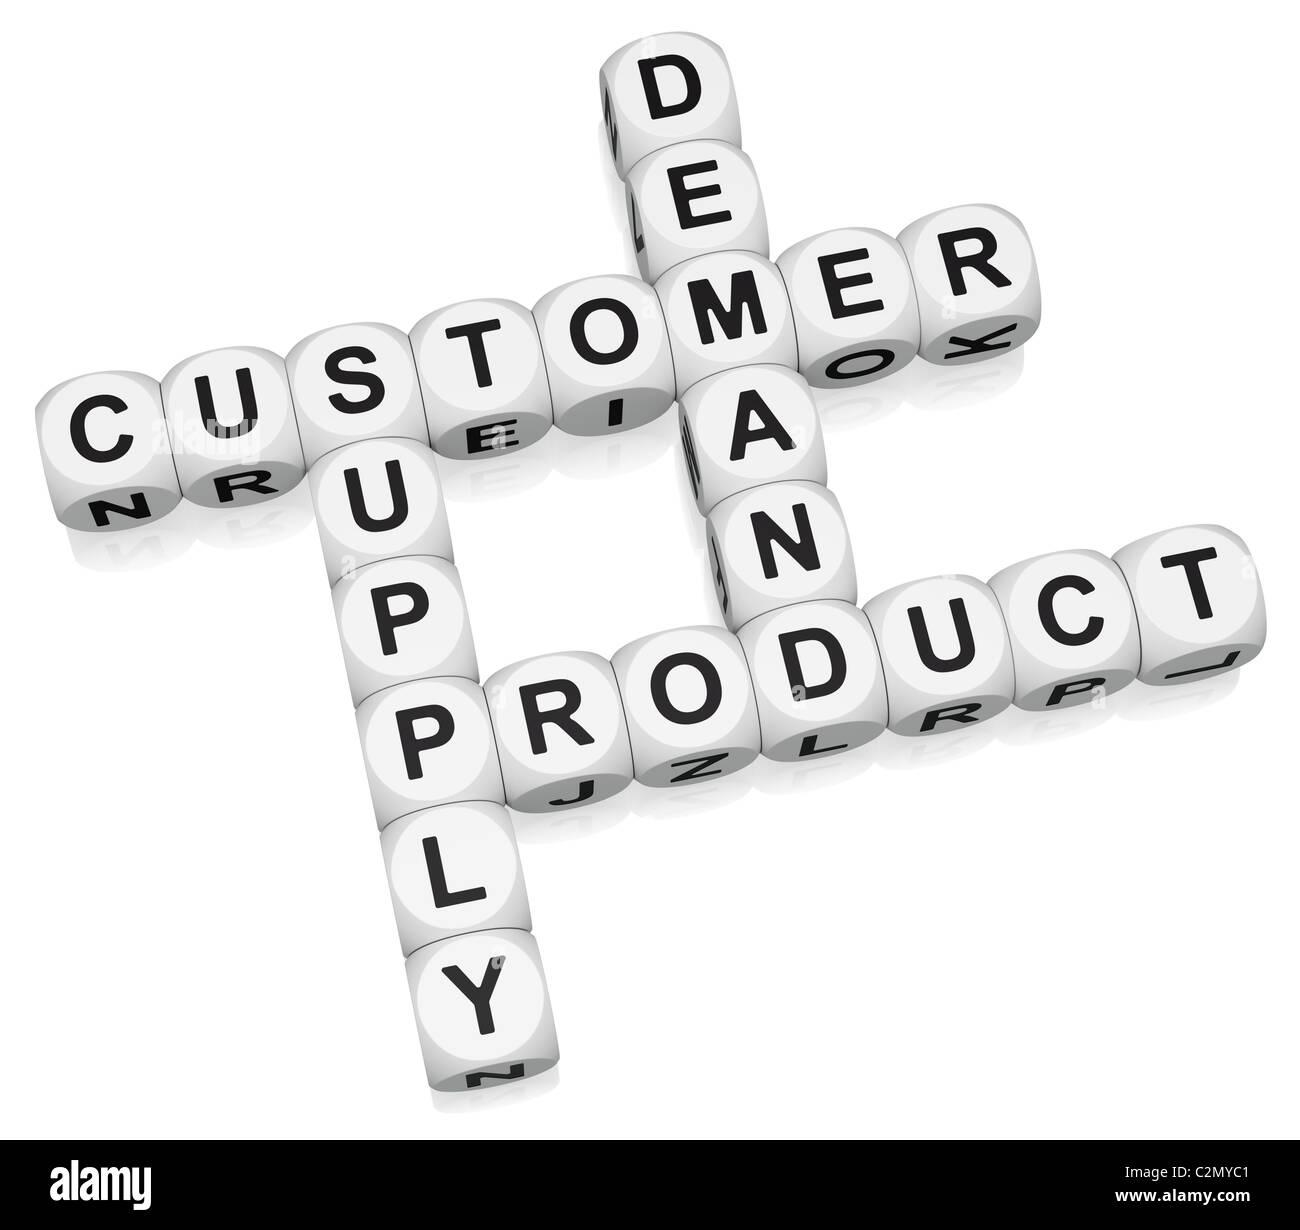 Produkt-Einzelhandel-Zyklus-Kreuzworträtsel auf weißem Hintergrund Stockbild